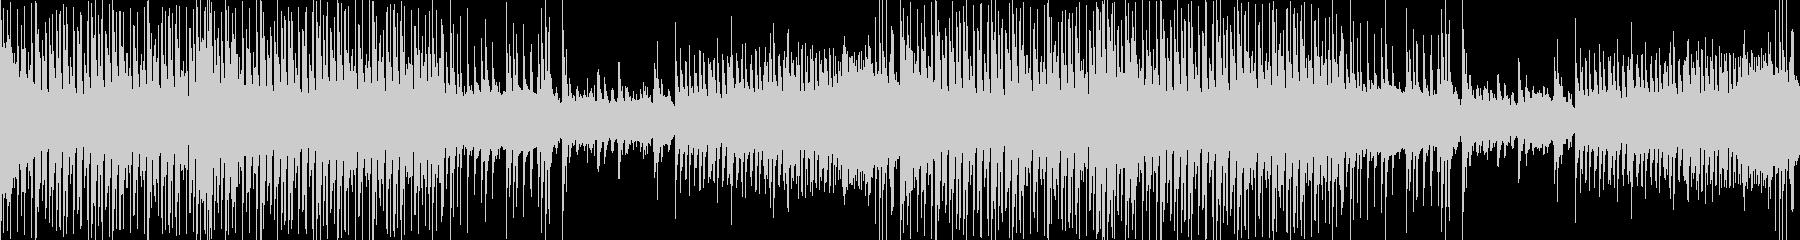 わくわく楽しい三味線・和風EDMの未再生の波形